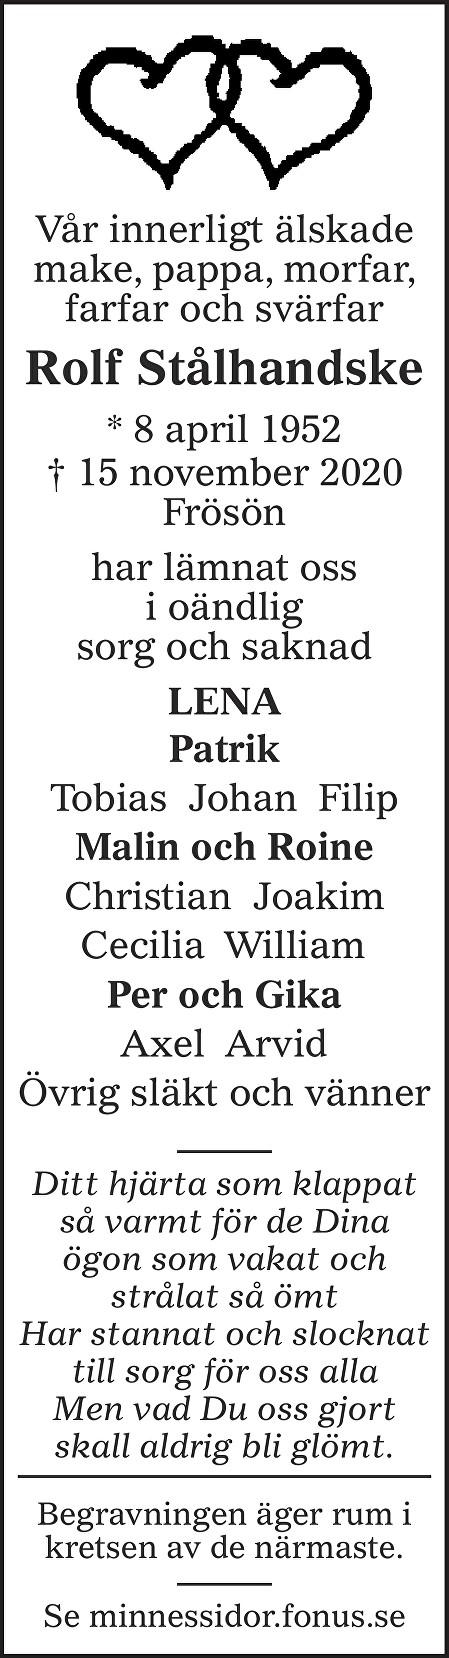 Rolf Stålhandske Death notice